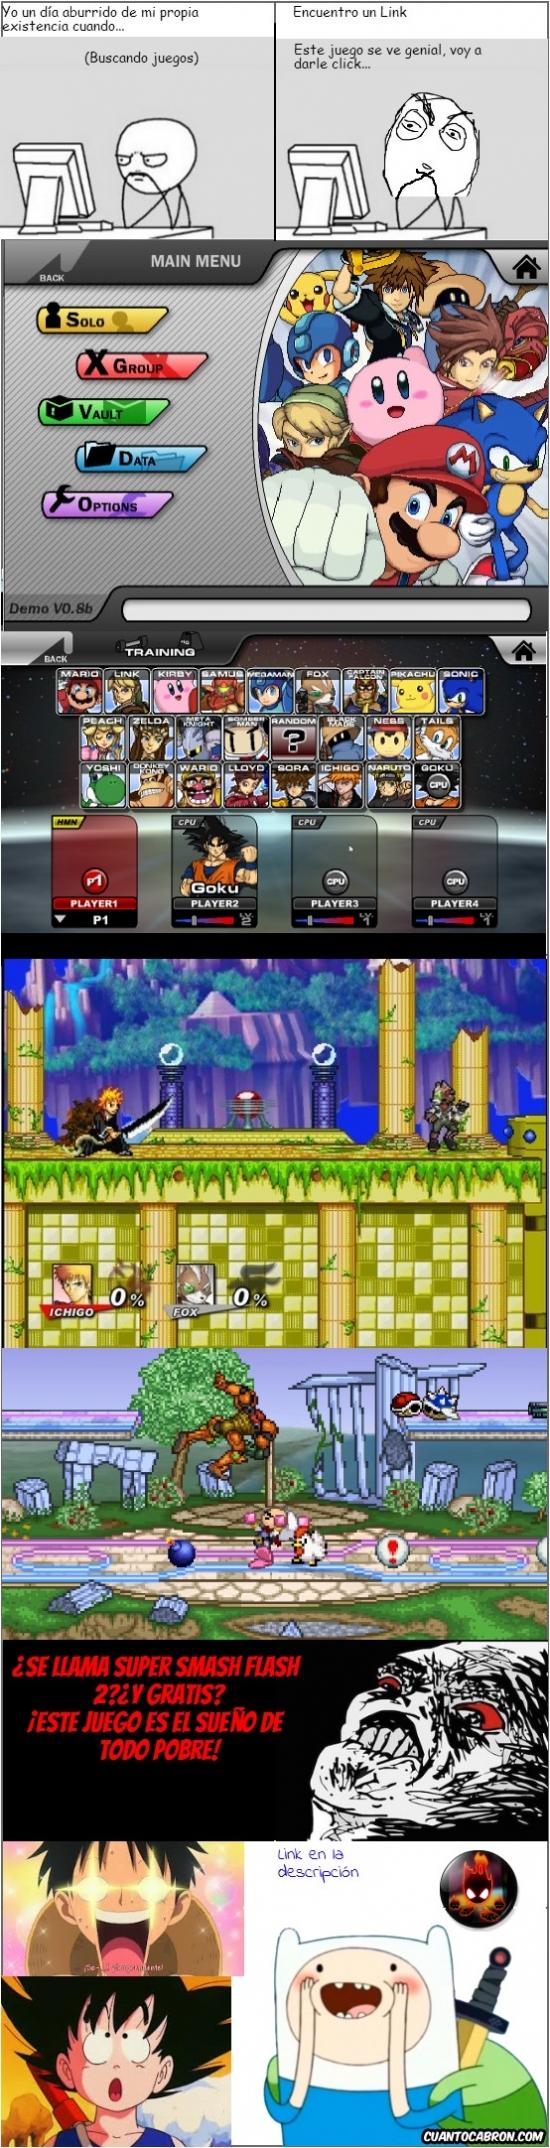 Finn,Goku,Luffy,SSF 2,super smash flash 2,tarda un poco en cargar